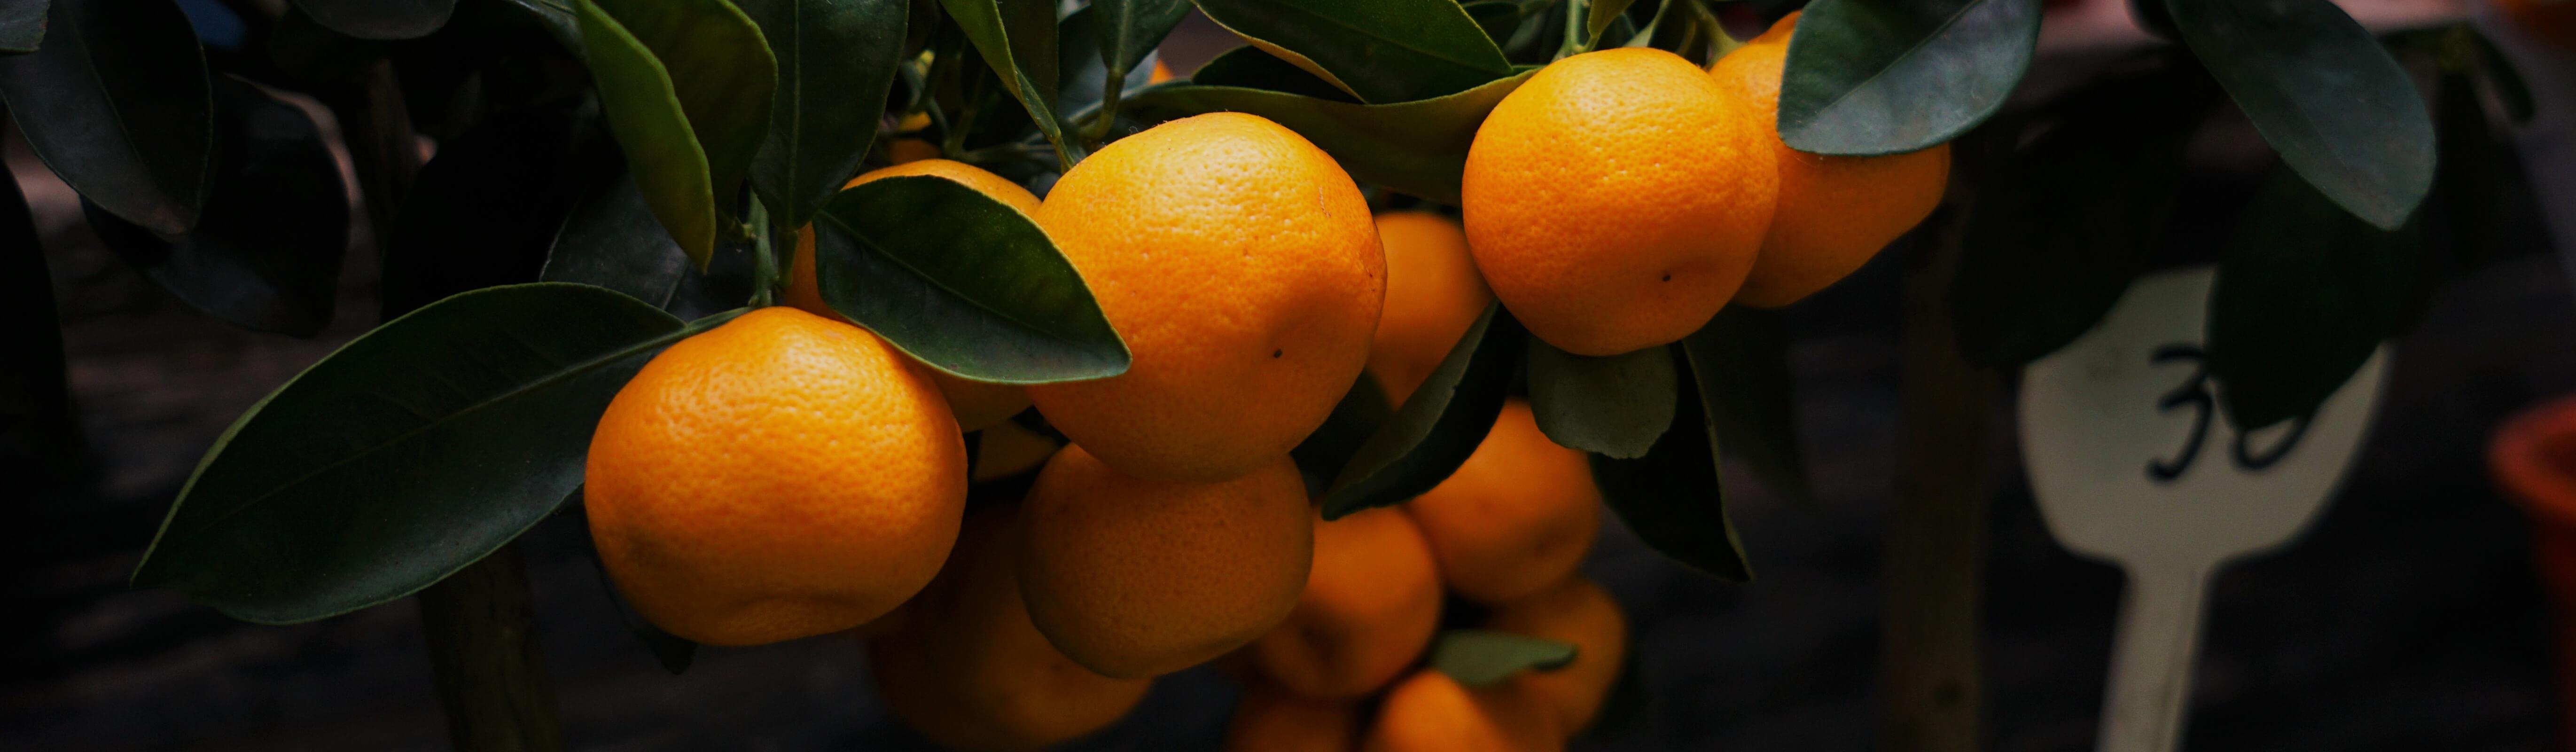 verse sinaasappels aan een boom